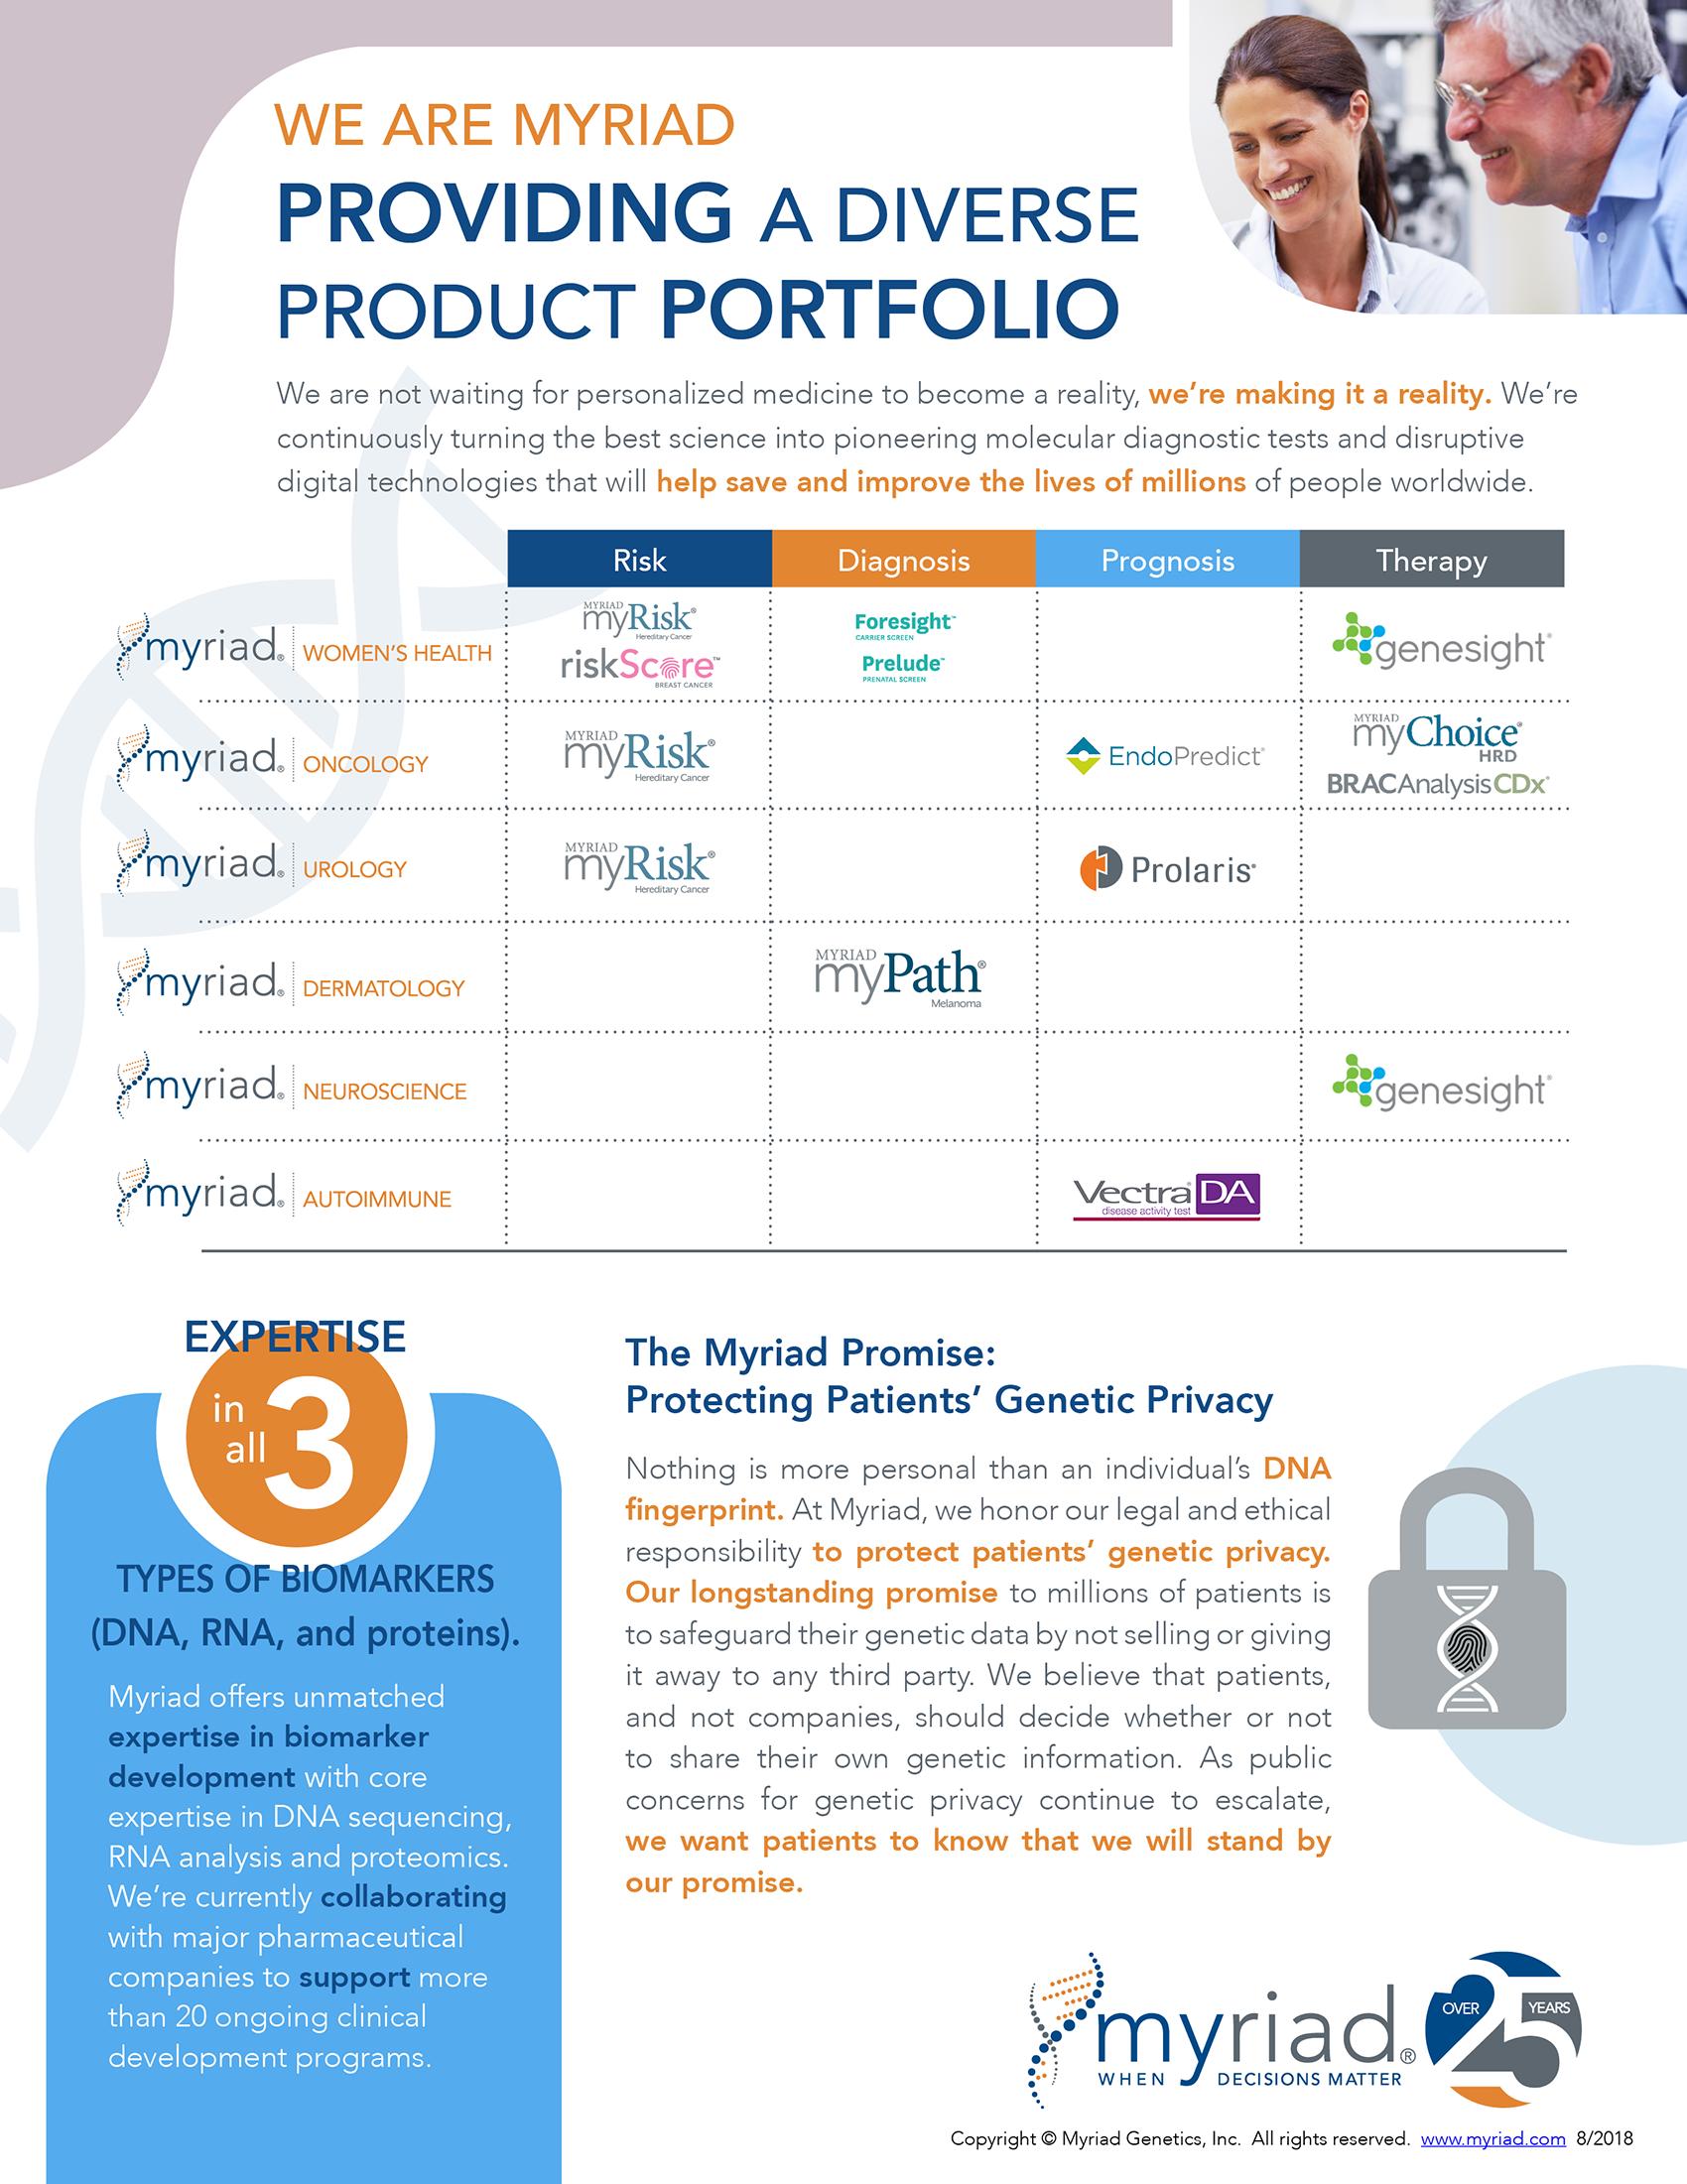 myriad genetics company fact sheet